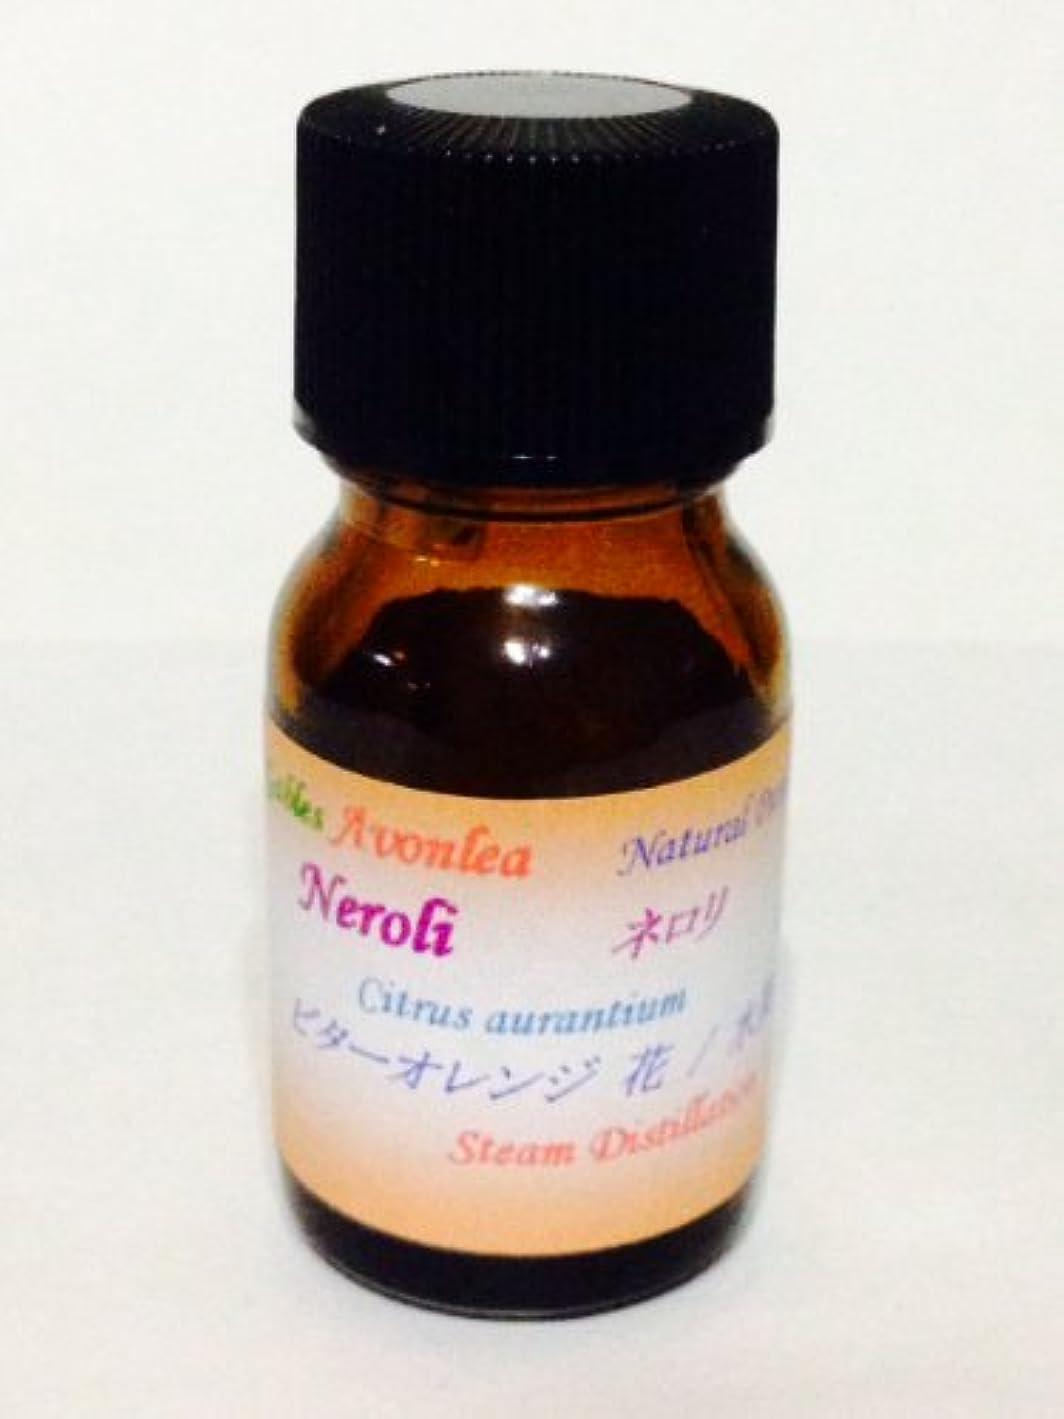 アイスクリーム適応的のれんネロリ ( ビターオレンジ花 の 精油 ) 100% ピュア エッセンシャル オイル 10ml